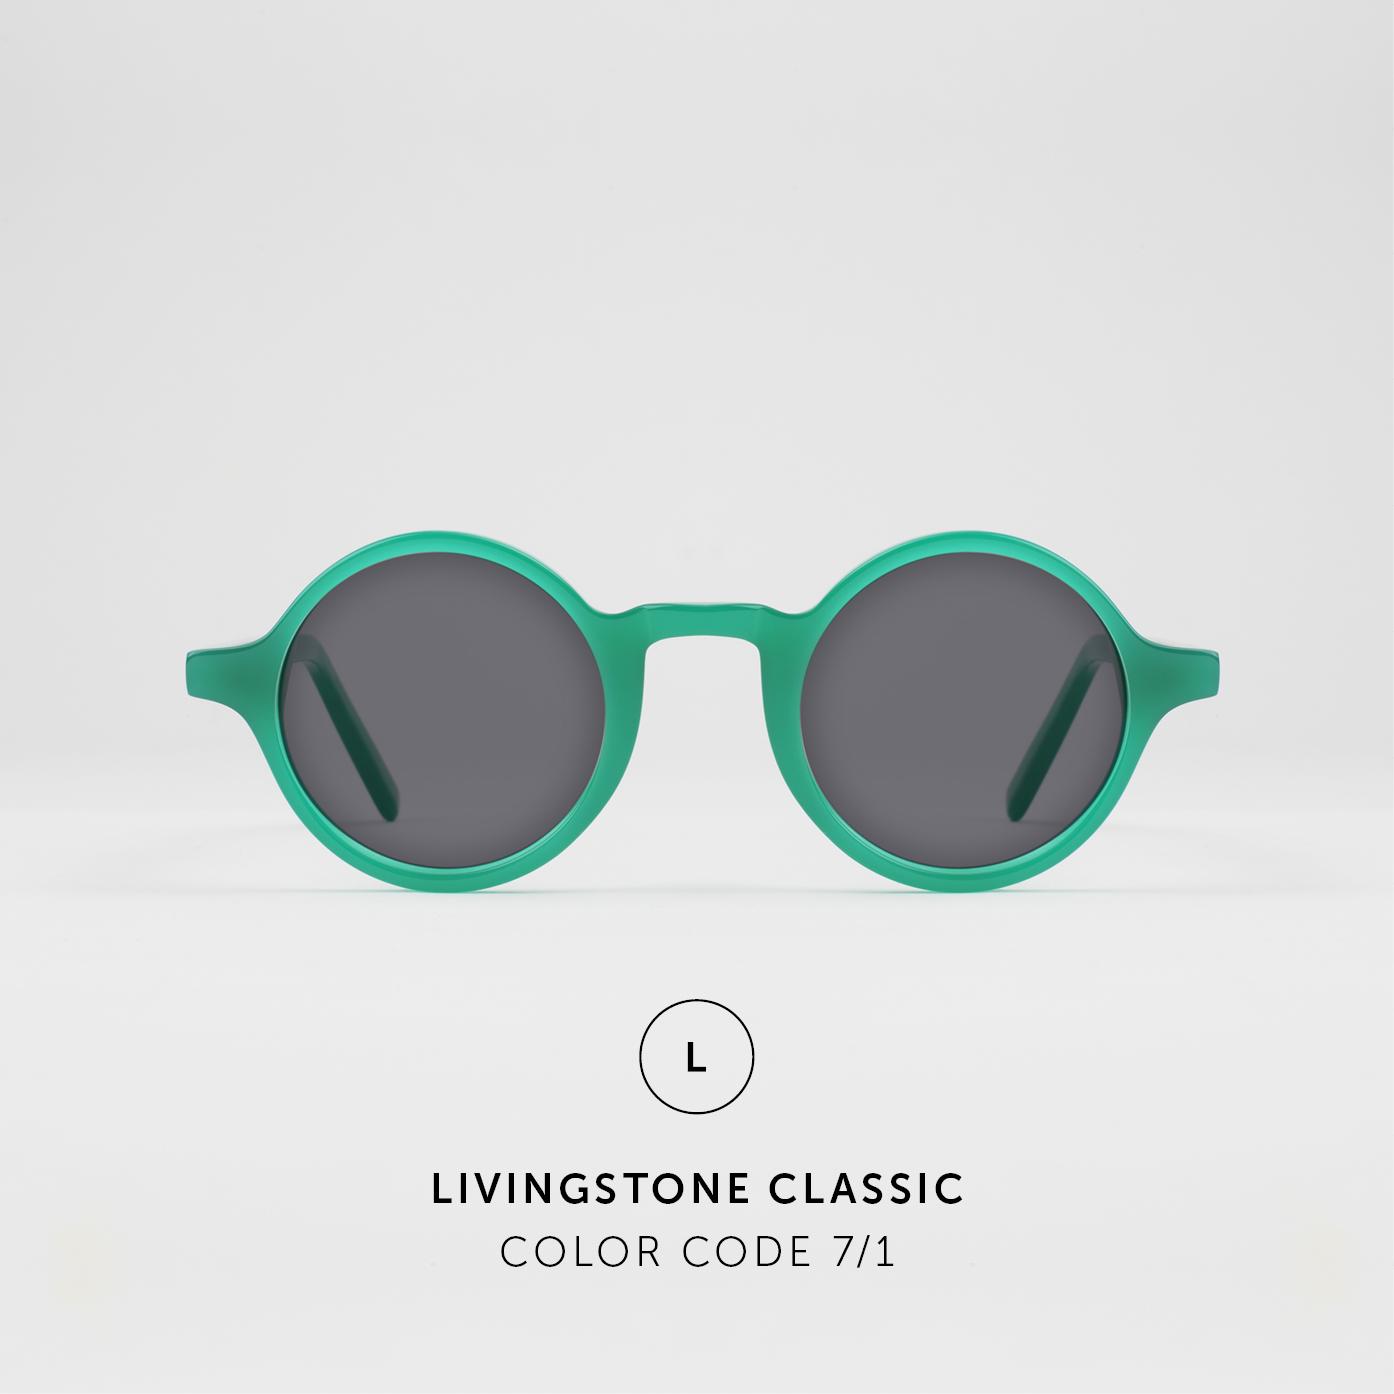 LivingstoneClassic34.jpg